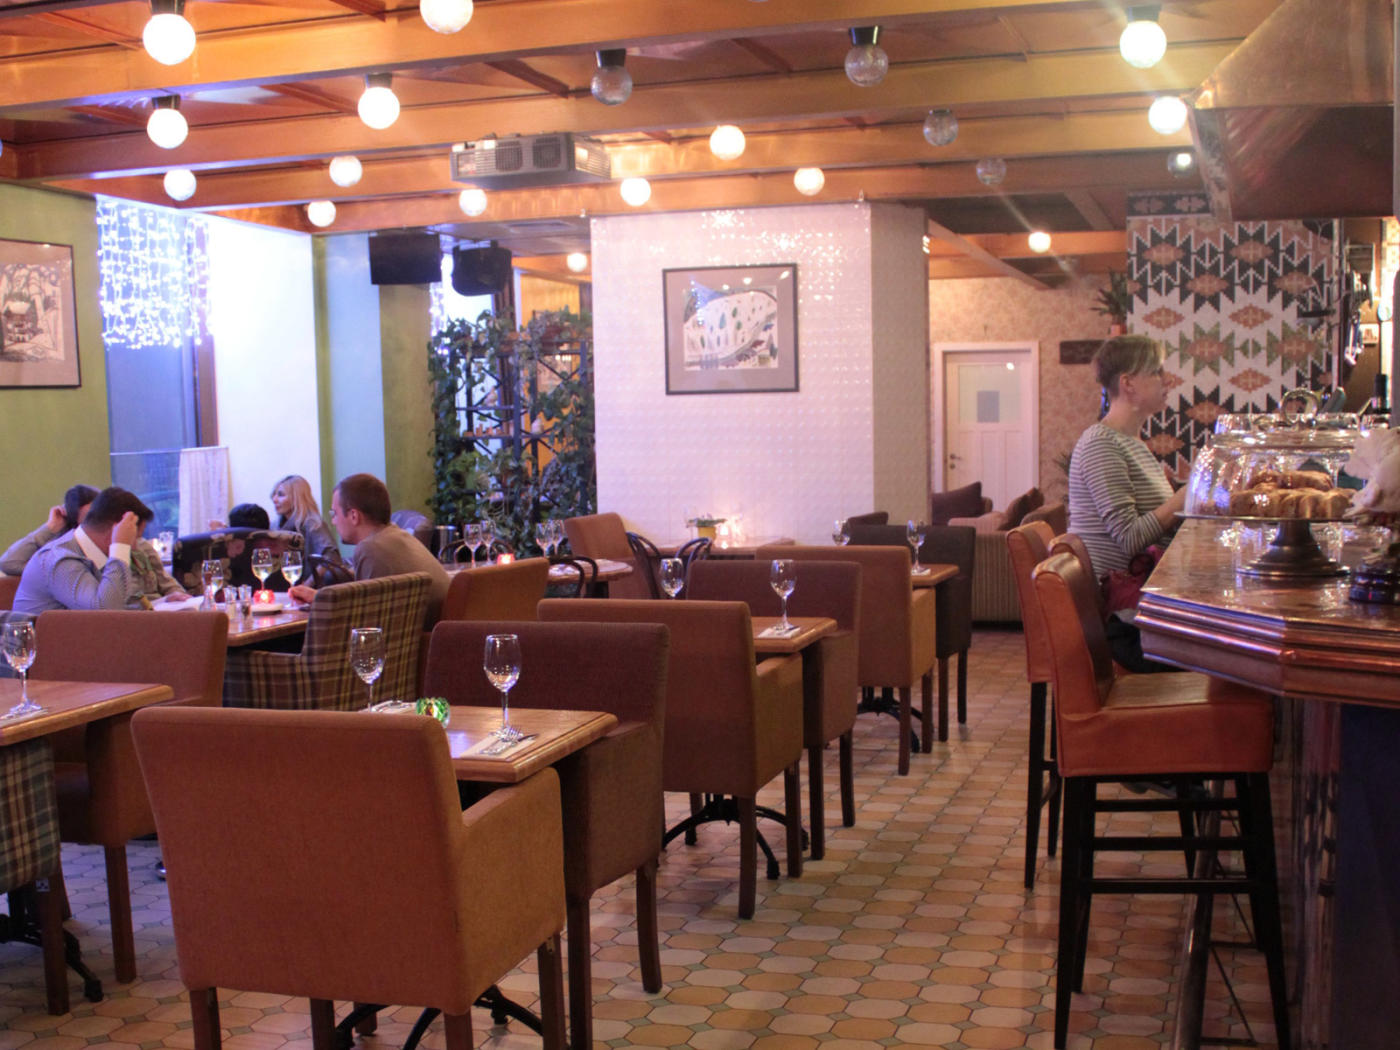 Ресторан Голубка на Спортивной (Большая Пироговская) фото 18